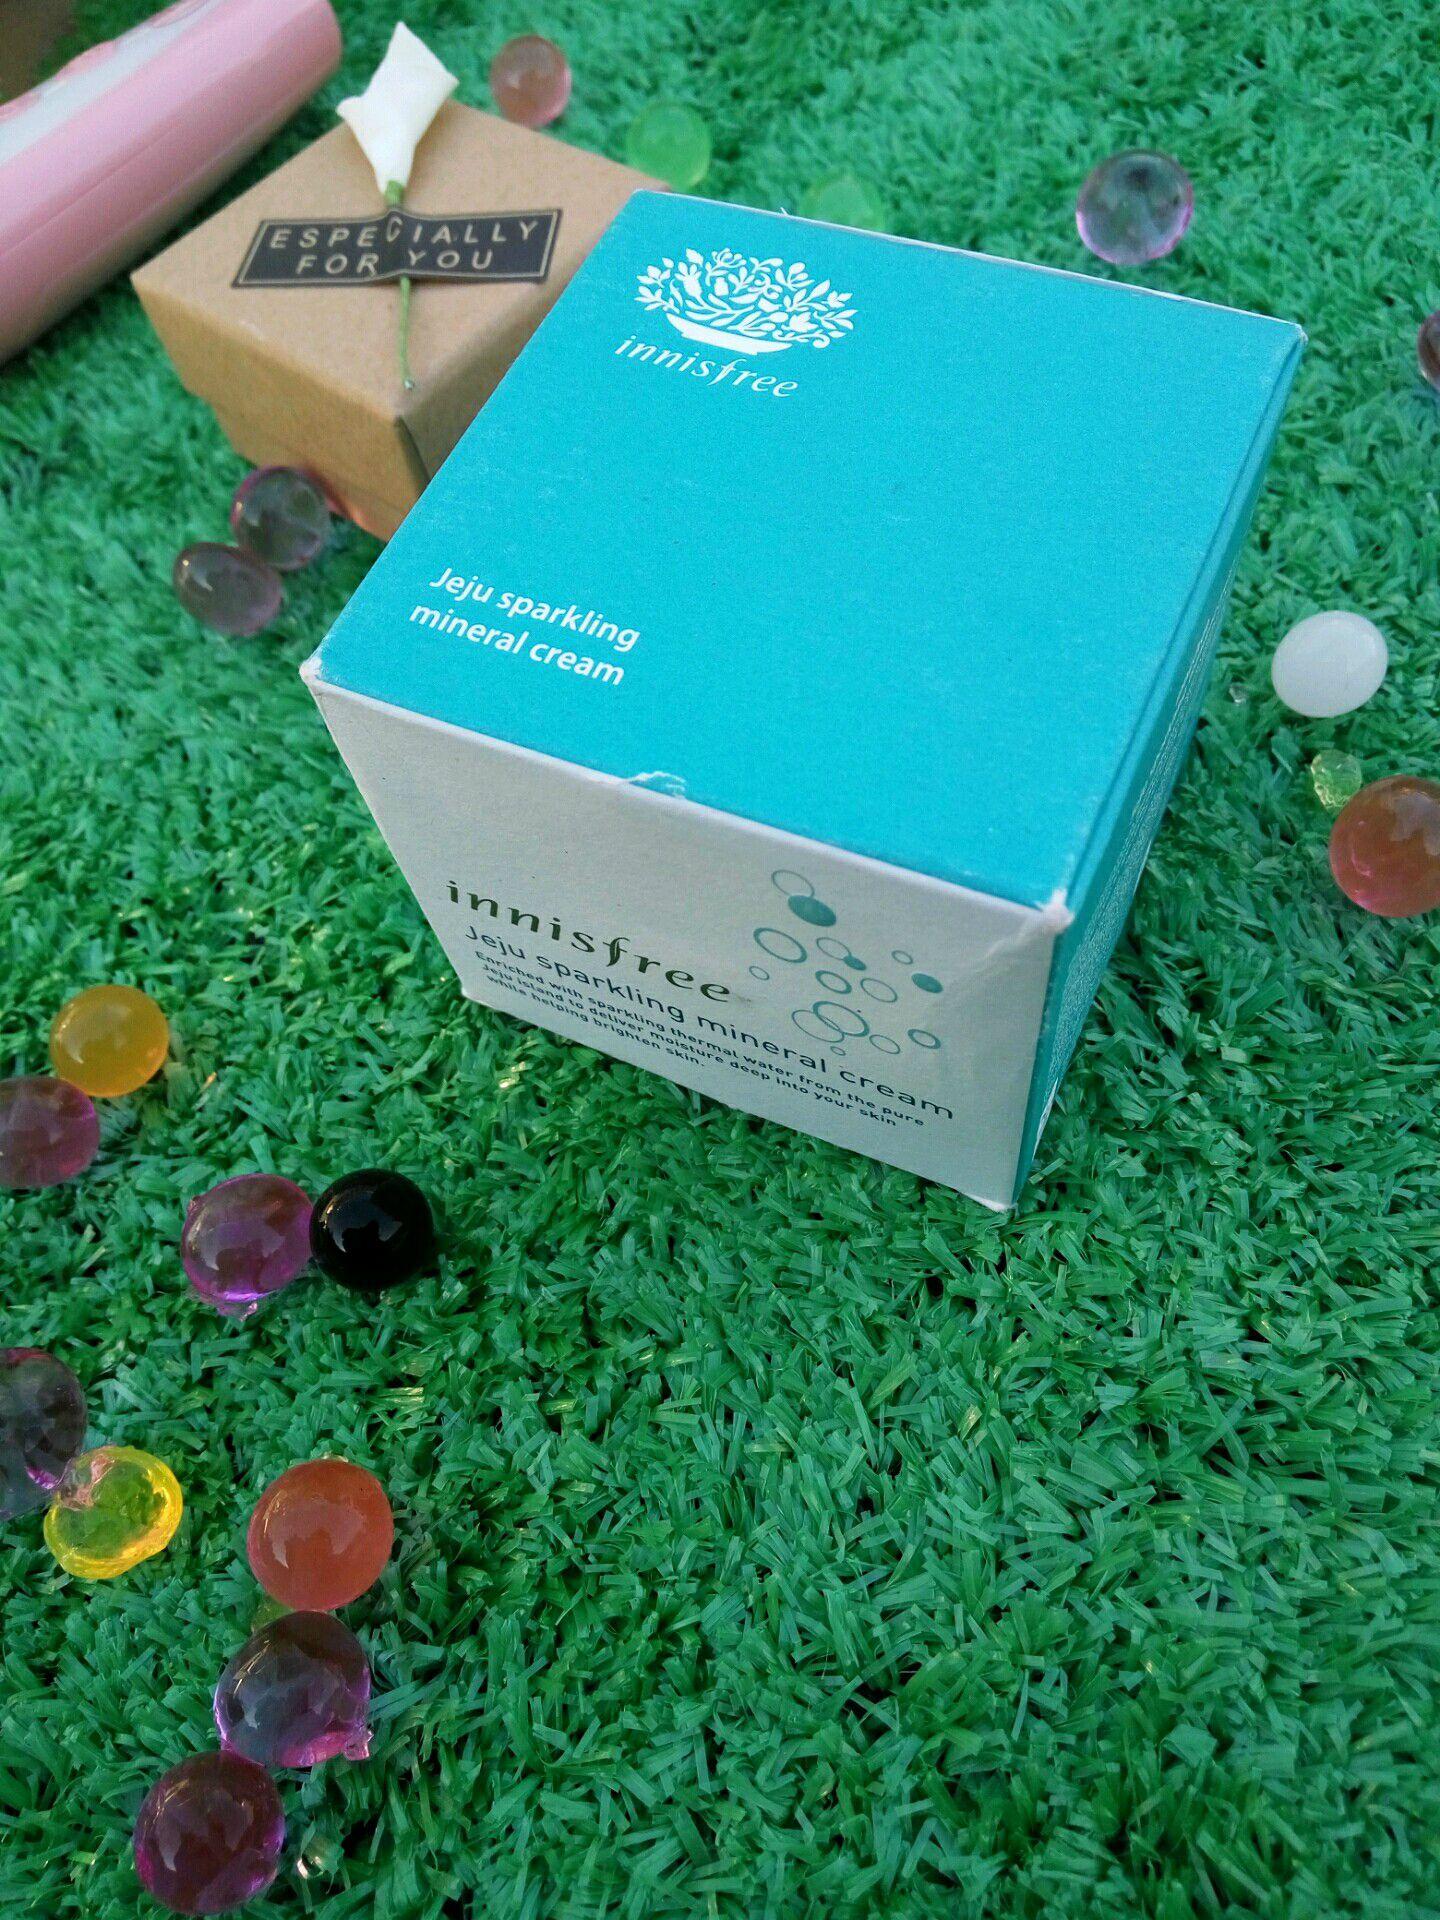 悦诗风吟济州岛温泉水系列的产品包装都是以淡蓝色